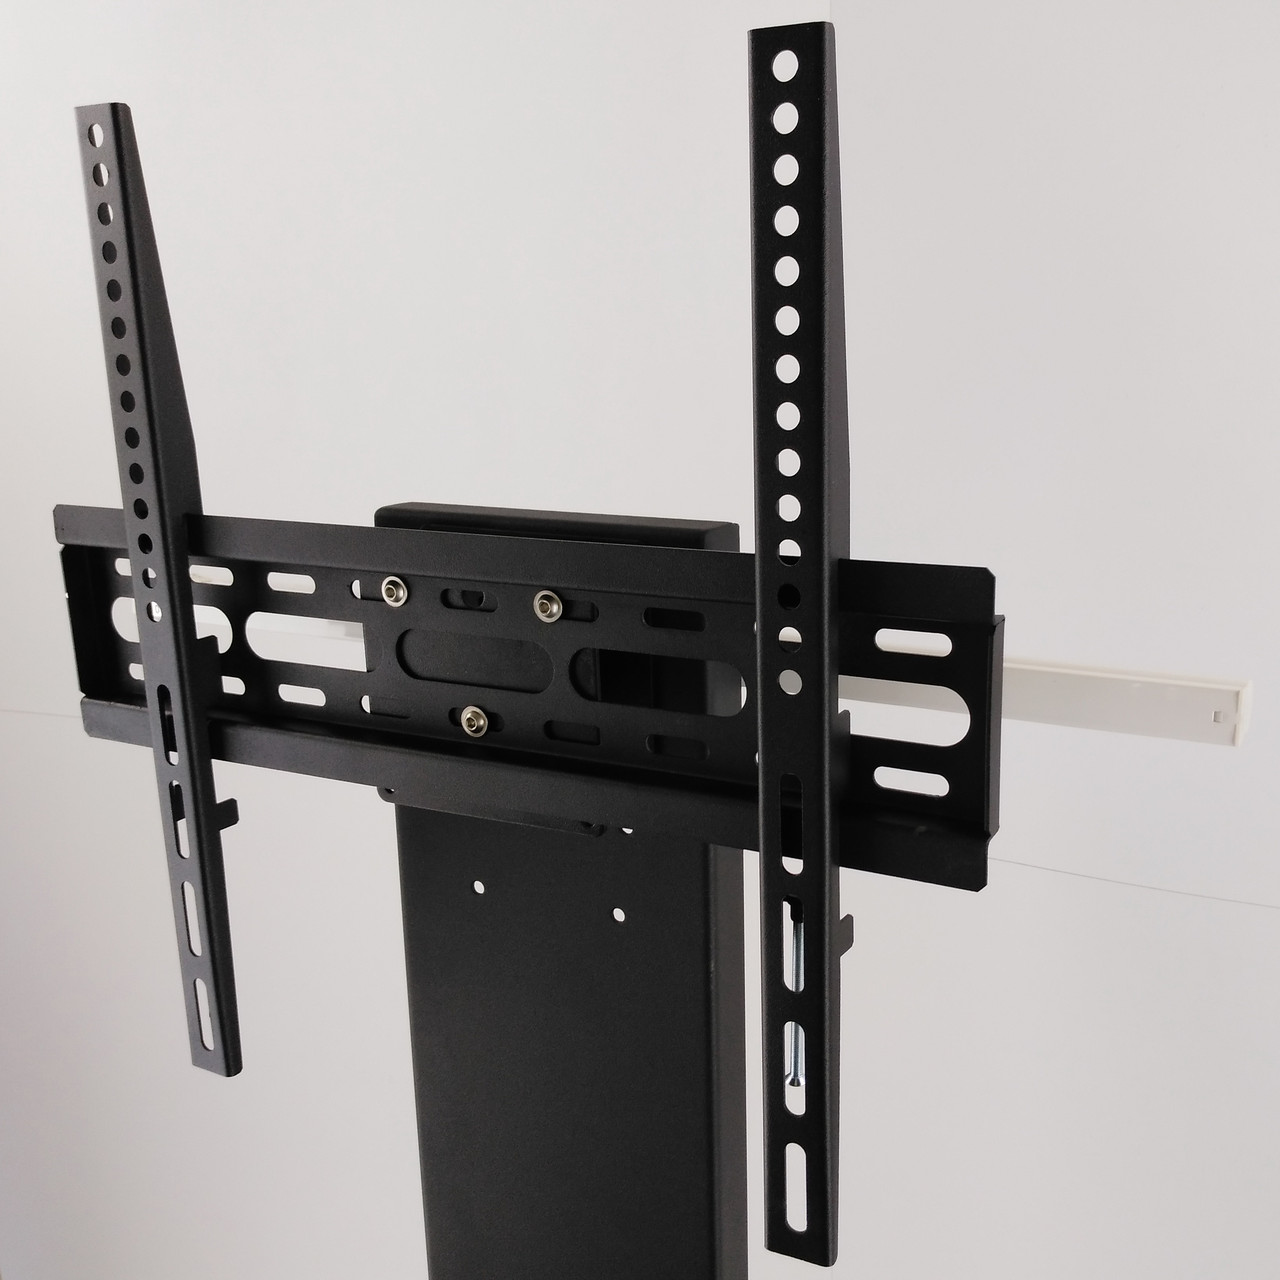 Монтаж ТВ-панелі виконується без свердління стін, легко і швидко.